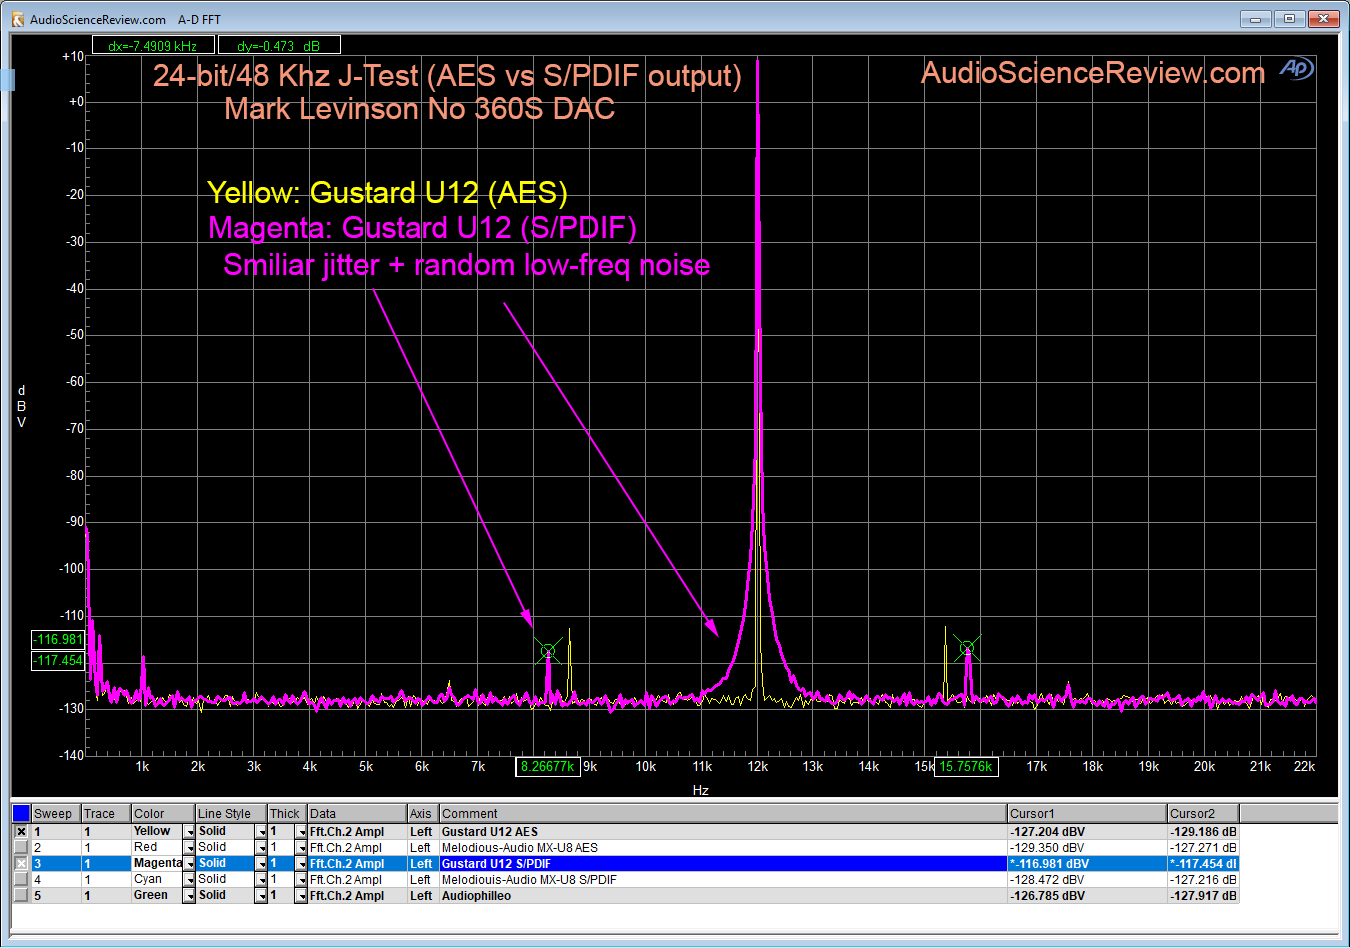 AES vs SPDIF Gustard U12 ML360S AES Input.png